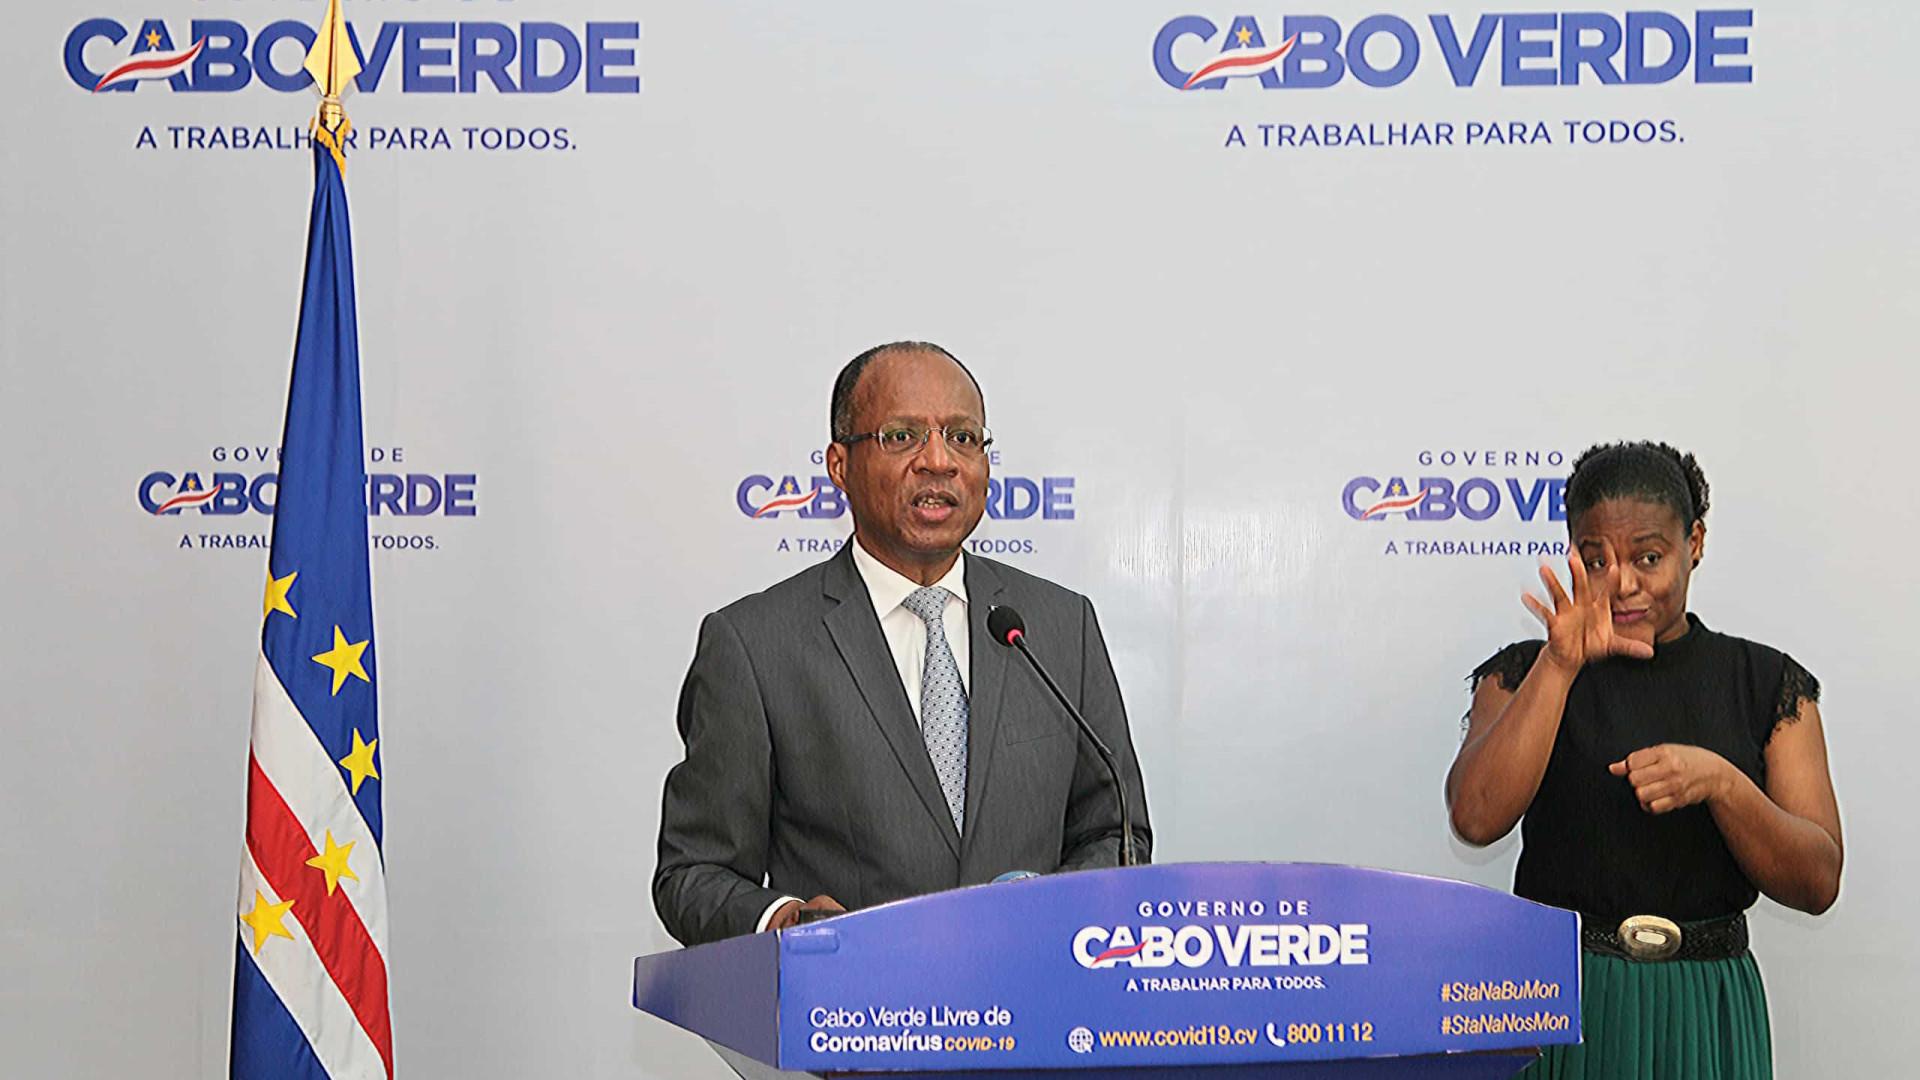 Cabo Verde pede reforço de cuidados para evitar propagação do vírus